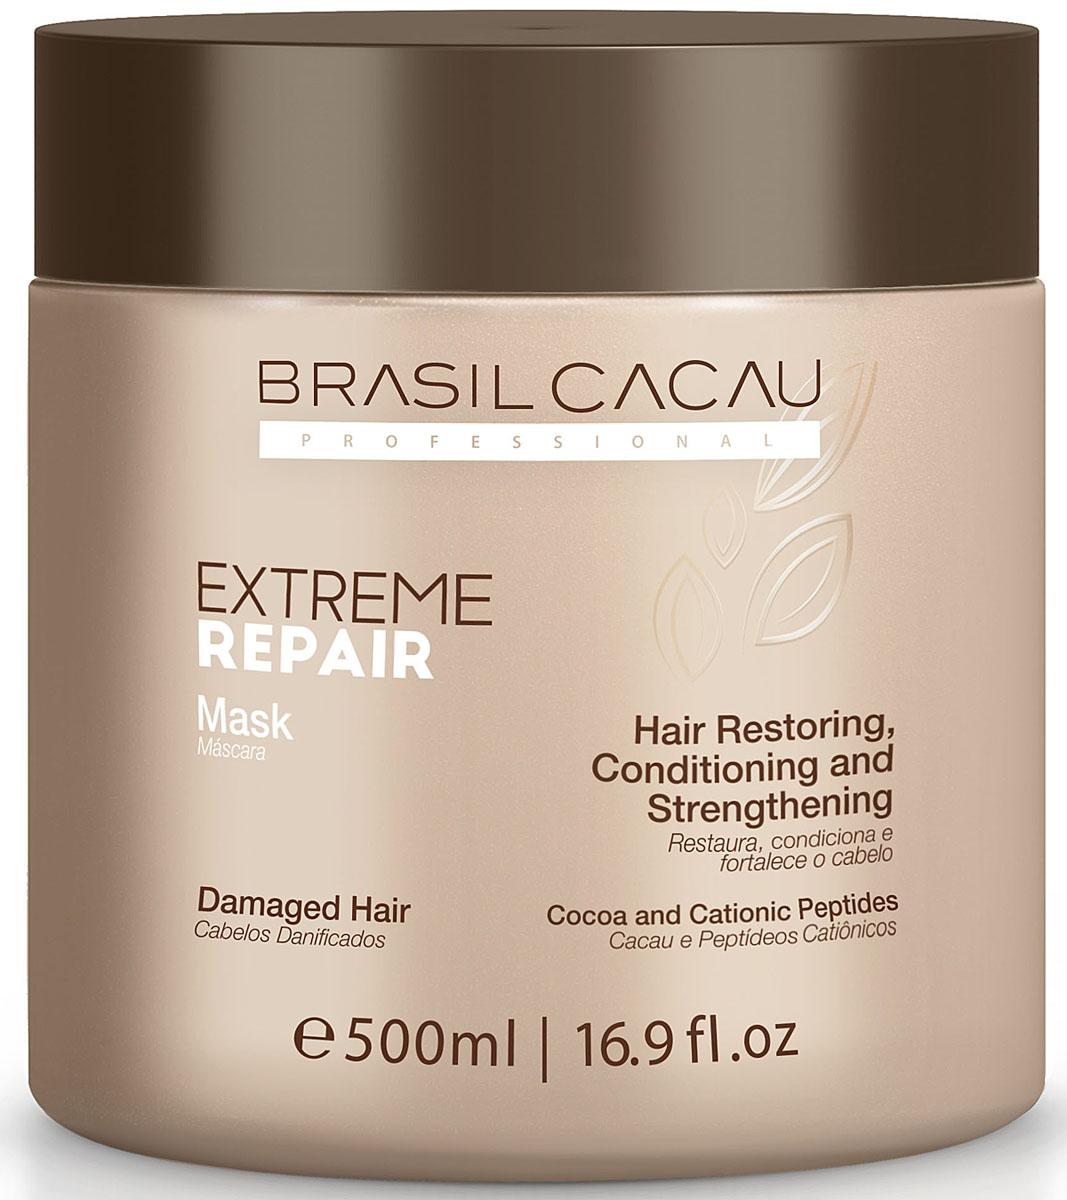 Brasil Cacau Маска Extreme Repair 500 мл12413Интенсивно восстанавливает структуру волоса, питает и запечатывает кутикулу, снижая пористость. Работает в кутикуле и кортексе волоса, возмещает ущерб , причиненный в результате механических, химических и тепловых процессов. Катионные пептиды образуют защитный слой вокруг волокна ,увеличивая прочность, гибкость, увлажнение и блеск волос.